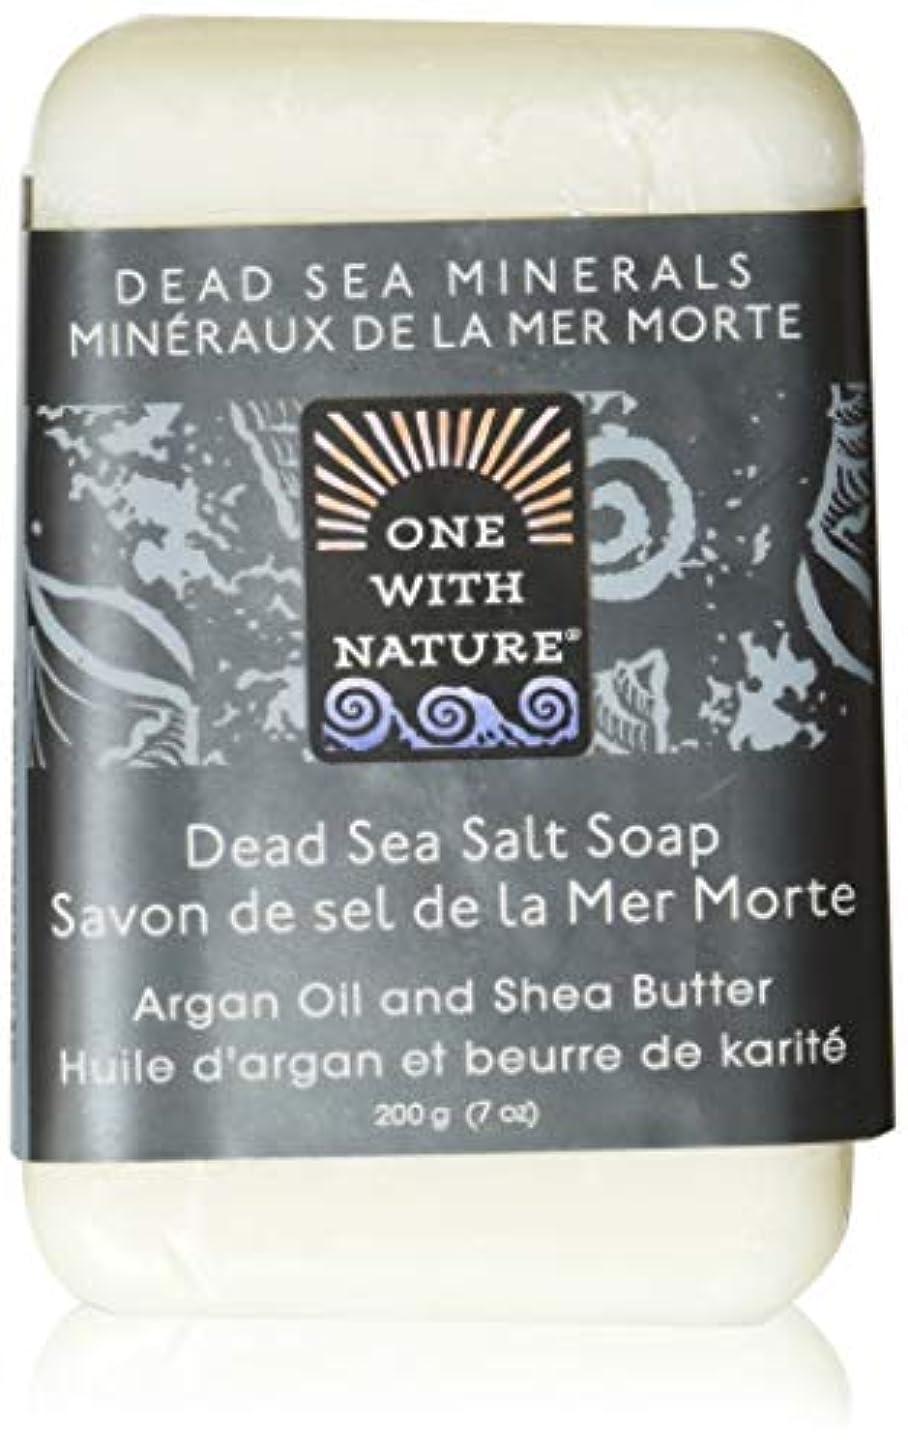 。割合露骨なDead Sea Mineral Dead Sea Salt Soap - 7 oz by One With Nature